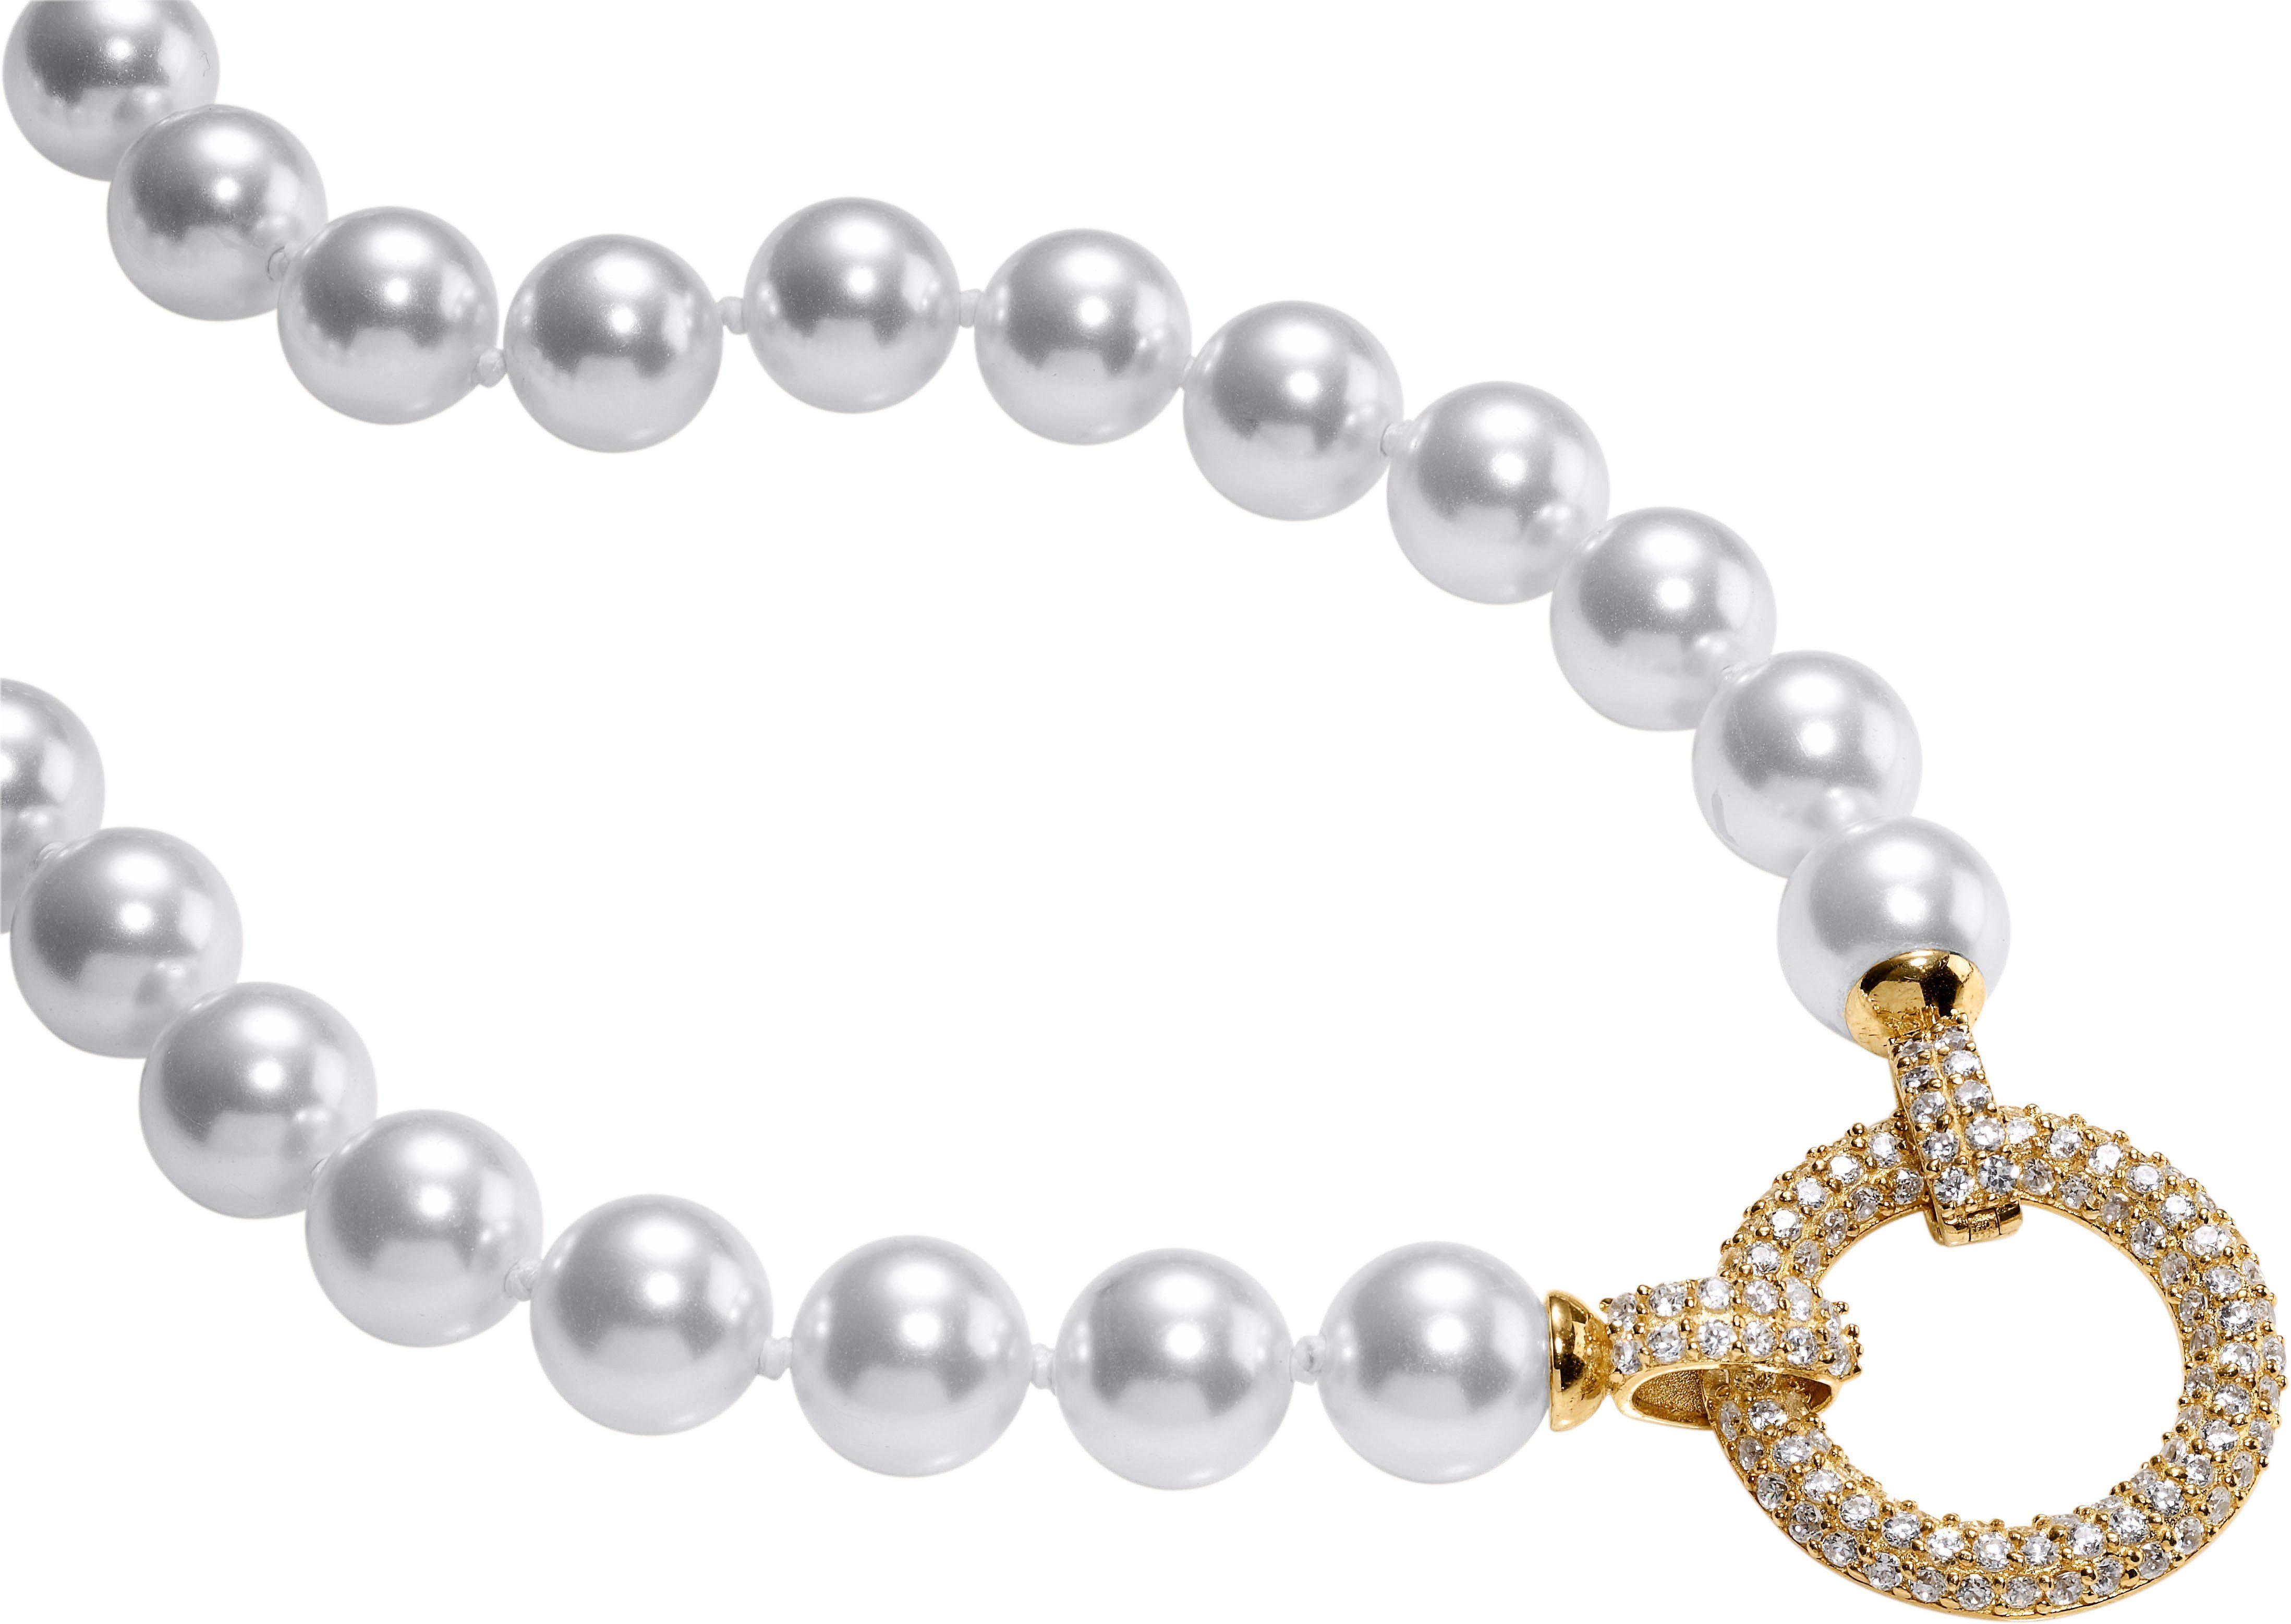 Collier mit Kristallsteinen und Muschel-Perlen